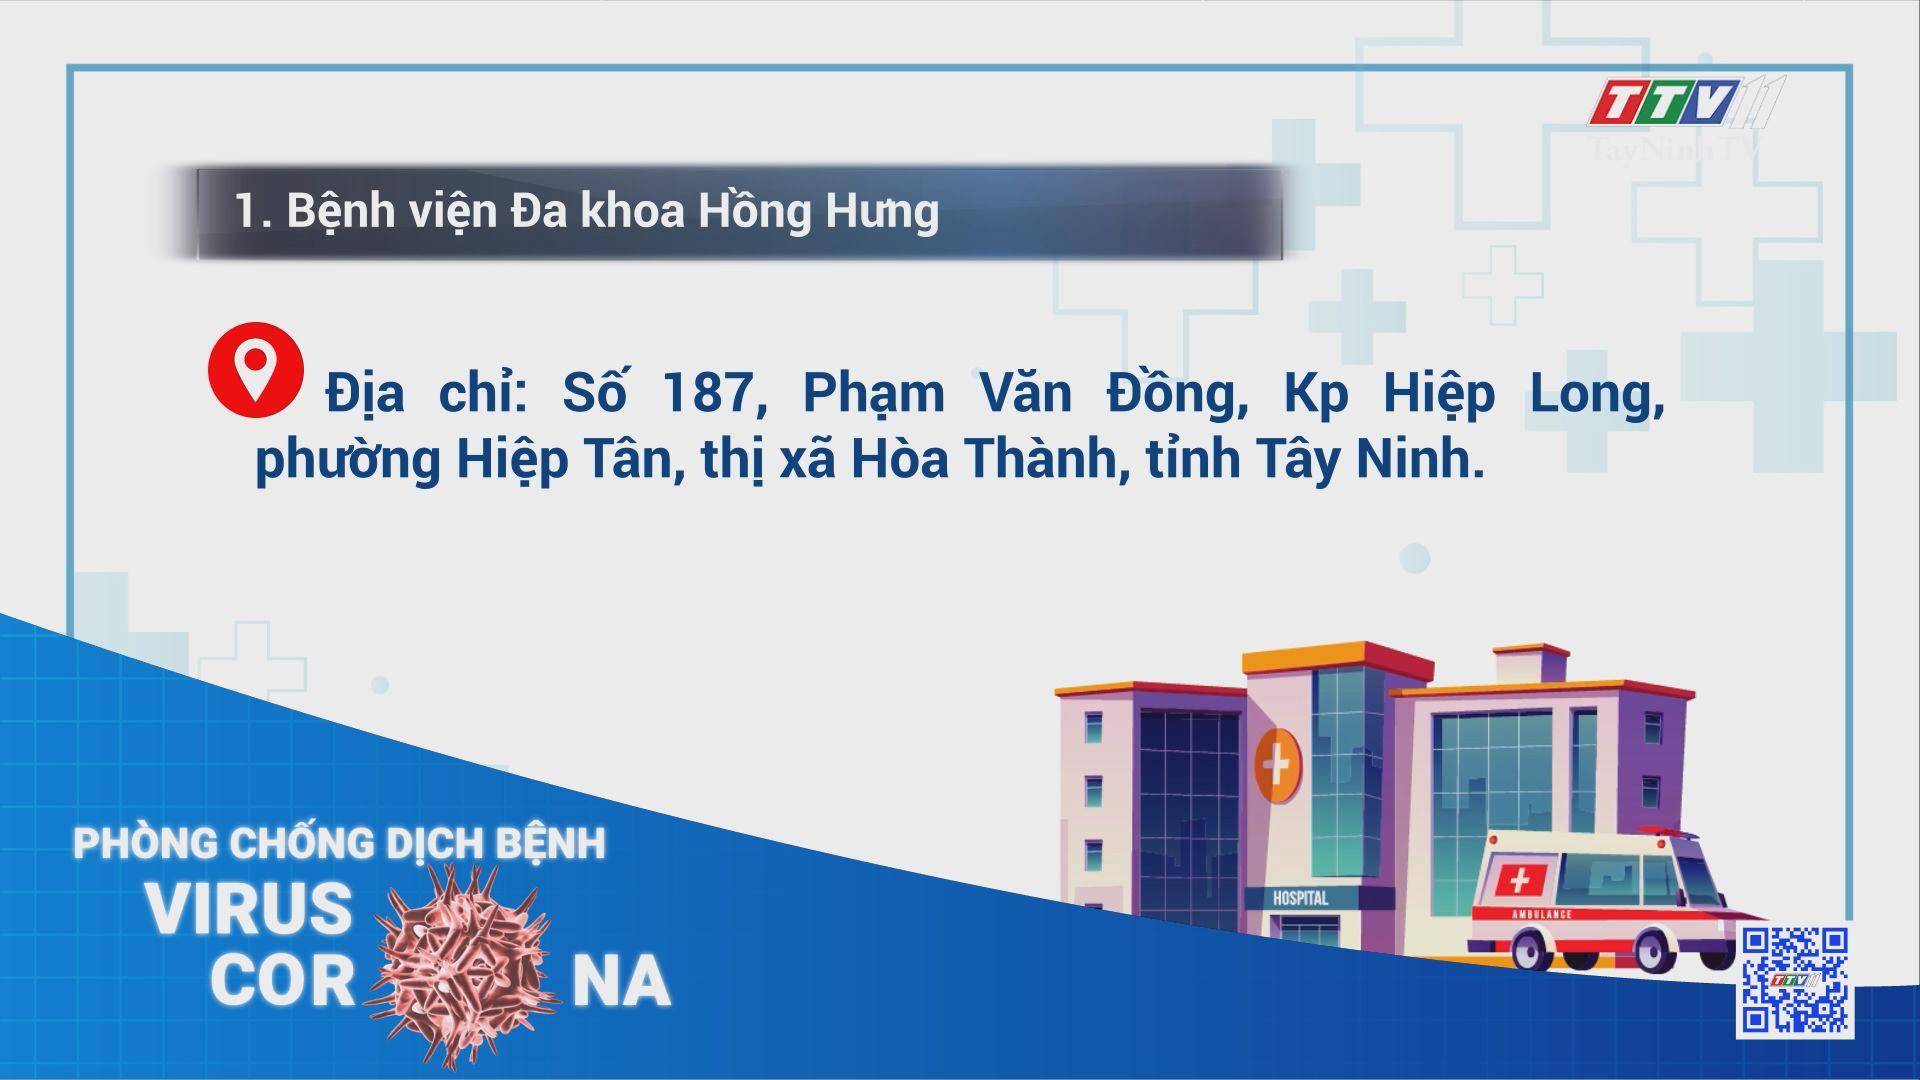 Cập nhật danh sách các cơ sở y tế tư nhân thực hiện xét nghiệm Covid-19 trên địa bàn tỉnh Tây Ninh | THÔNG TIN DỊCH COVID-19 | TayNinhTV